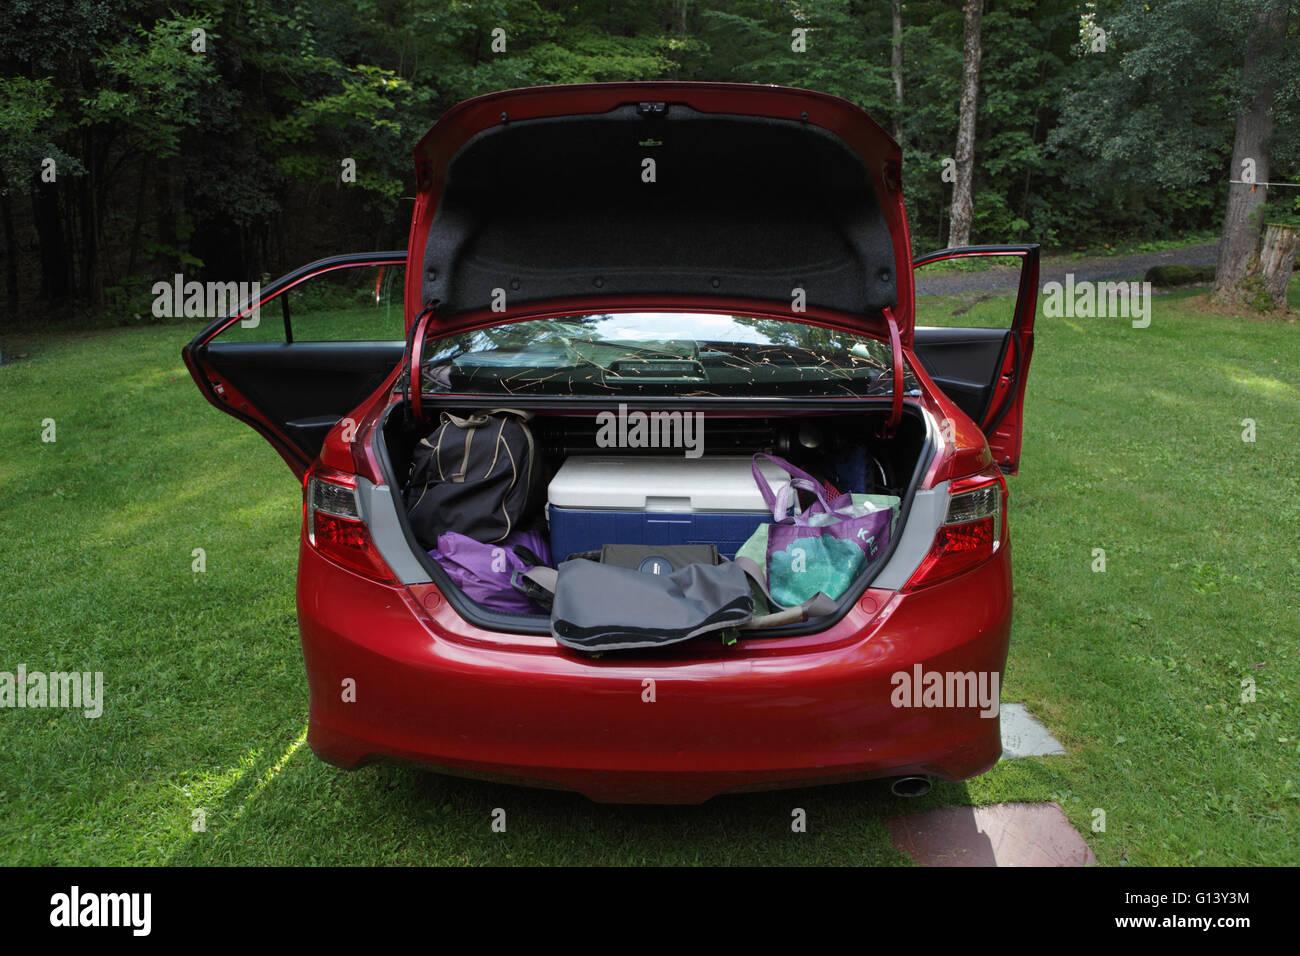 Tronco y coche puertas abiertas mostrando lo que una familia comidas para un viaje de vacaciones a una cabaña Imagen De Stock